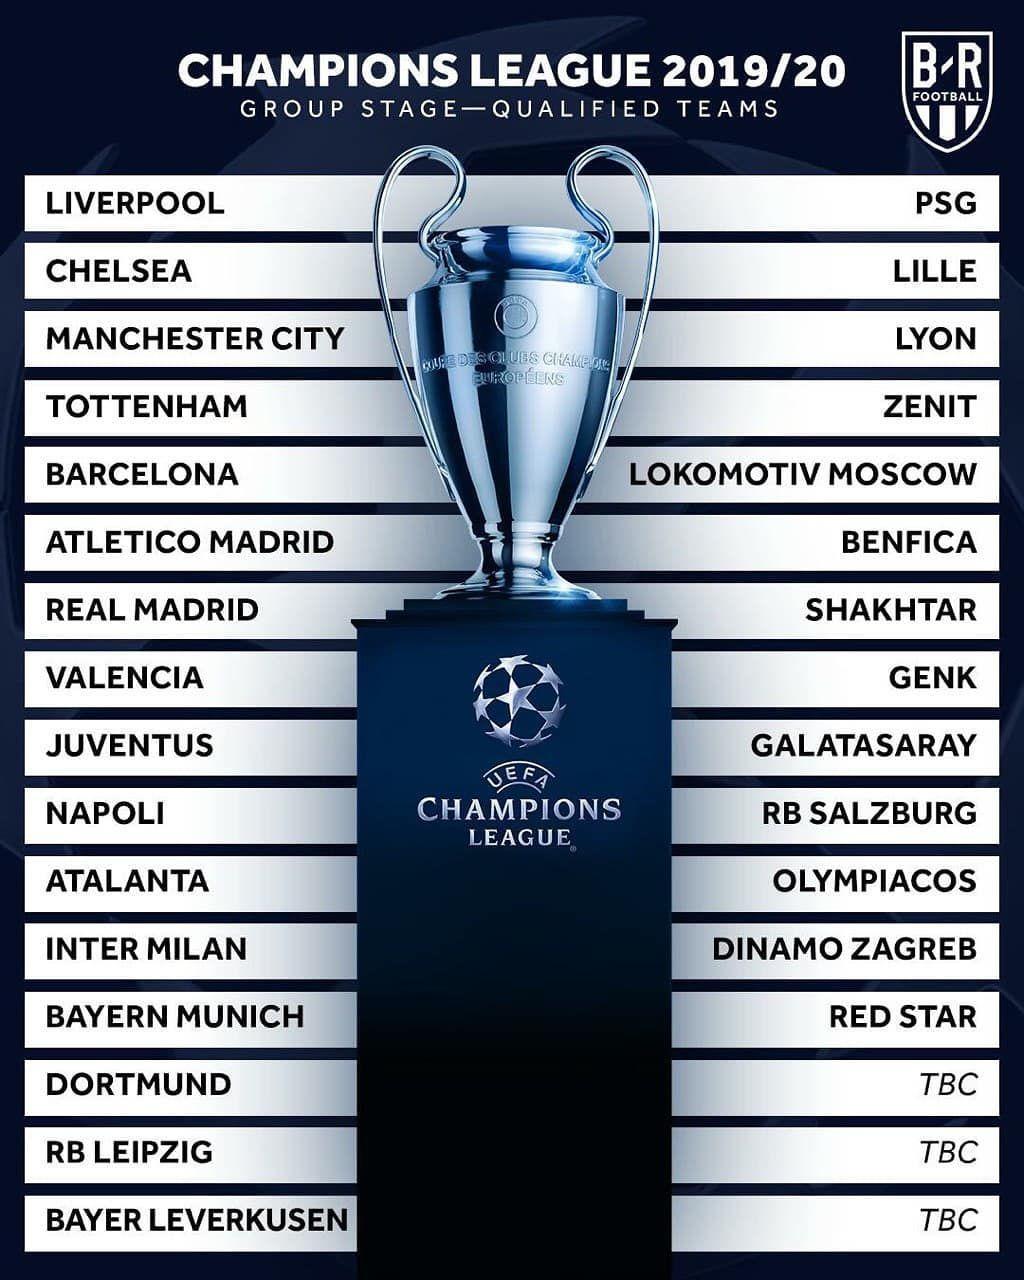 Estos Son Por El Momento Los Participante De La Champions Championsleague Realmadrid Foot Champions League Liverpool Uefa Champions League Barcelona Players